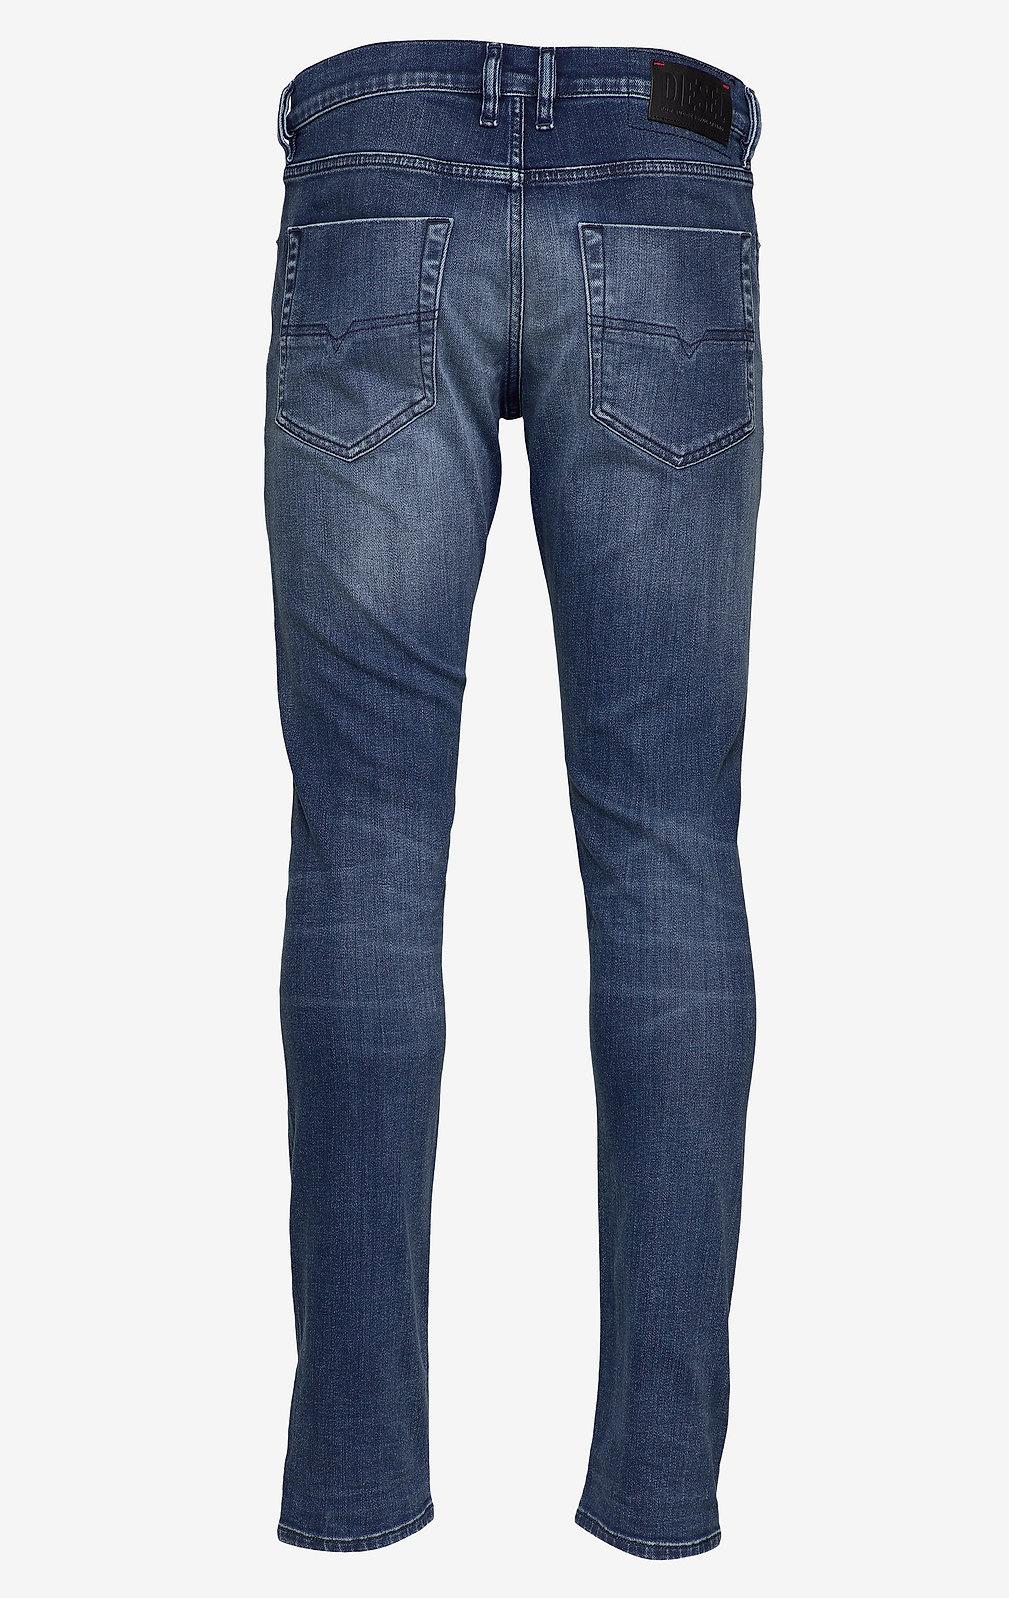 Diesel Spijkerbroek, blauw